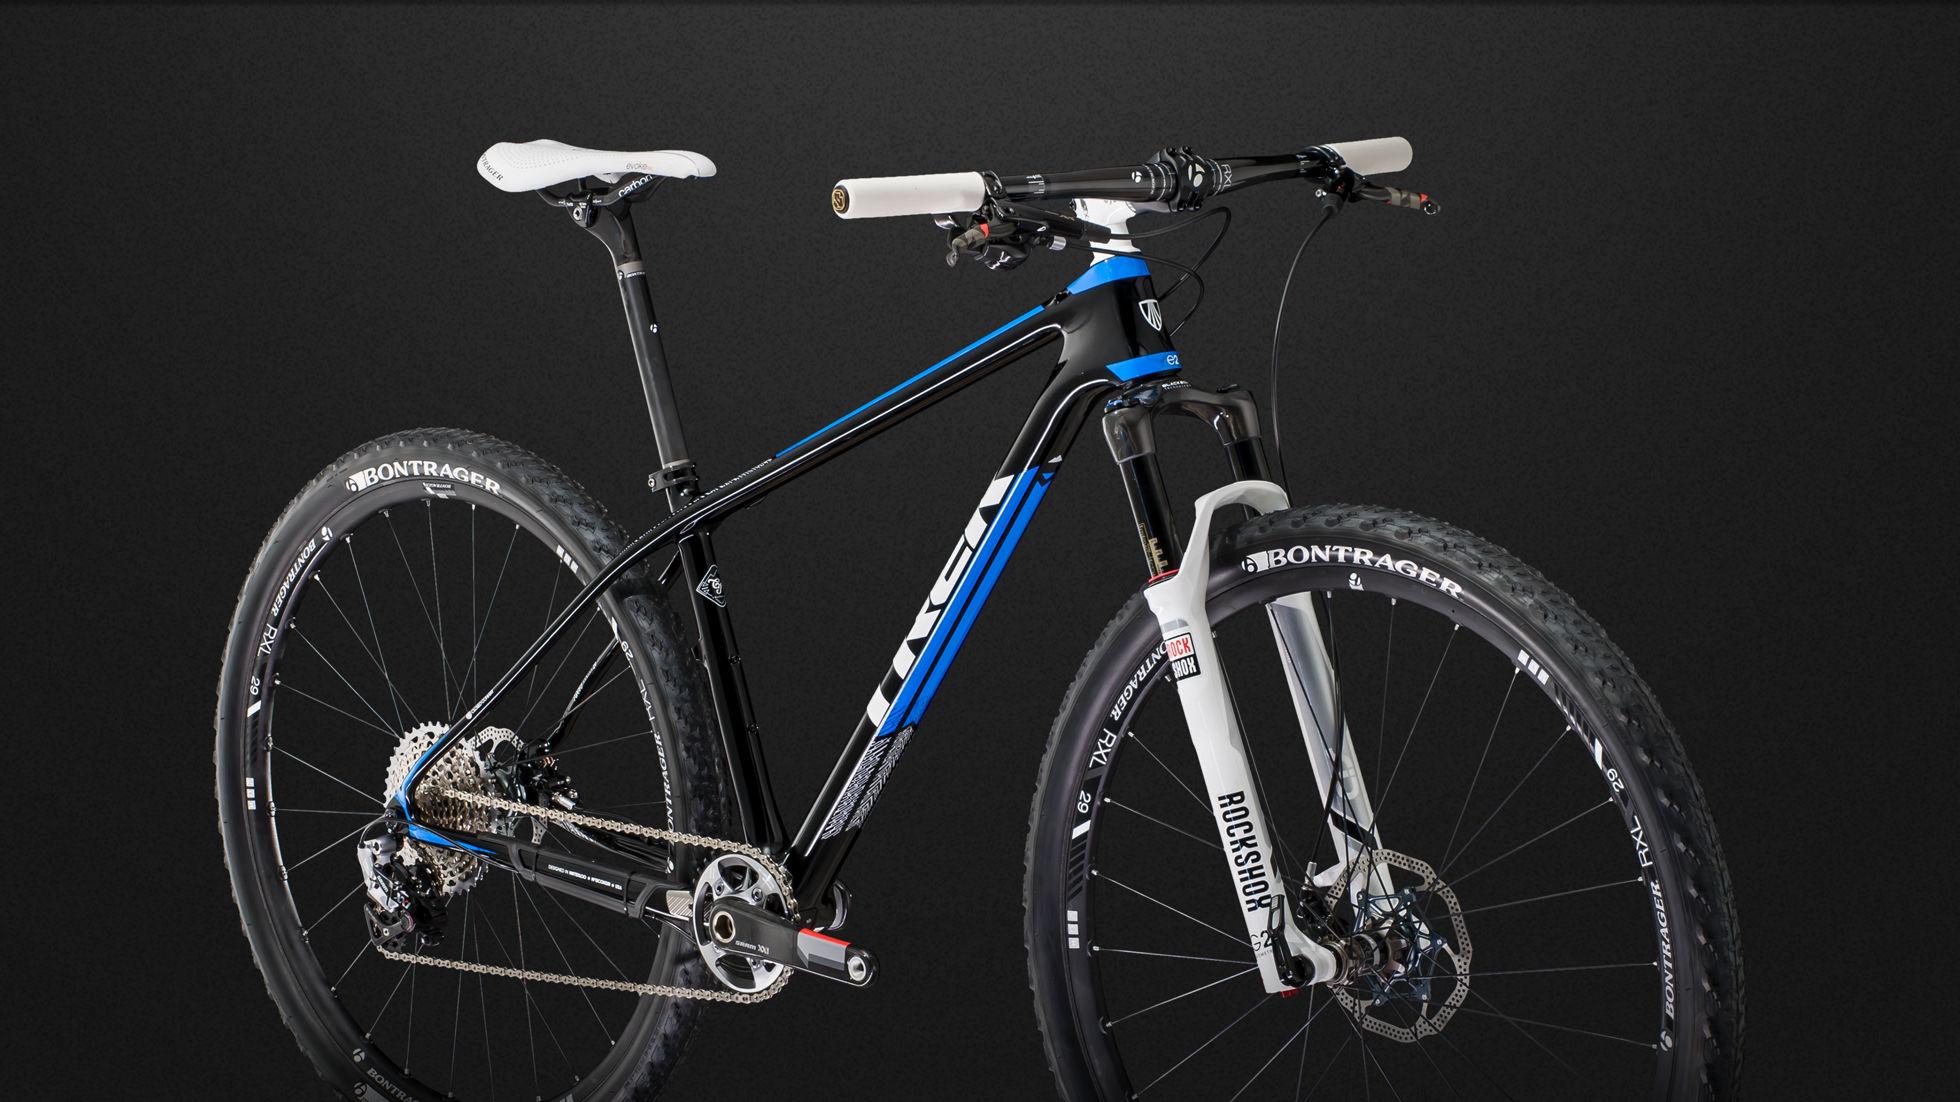 Superfly Trek Bicycle